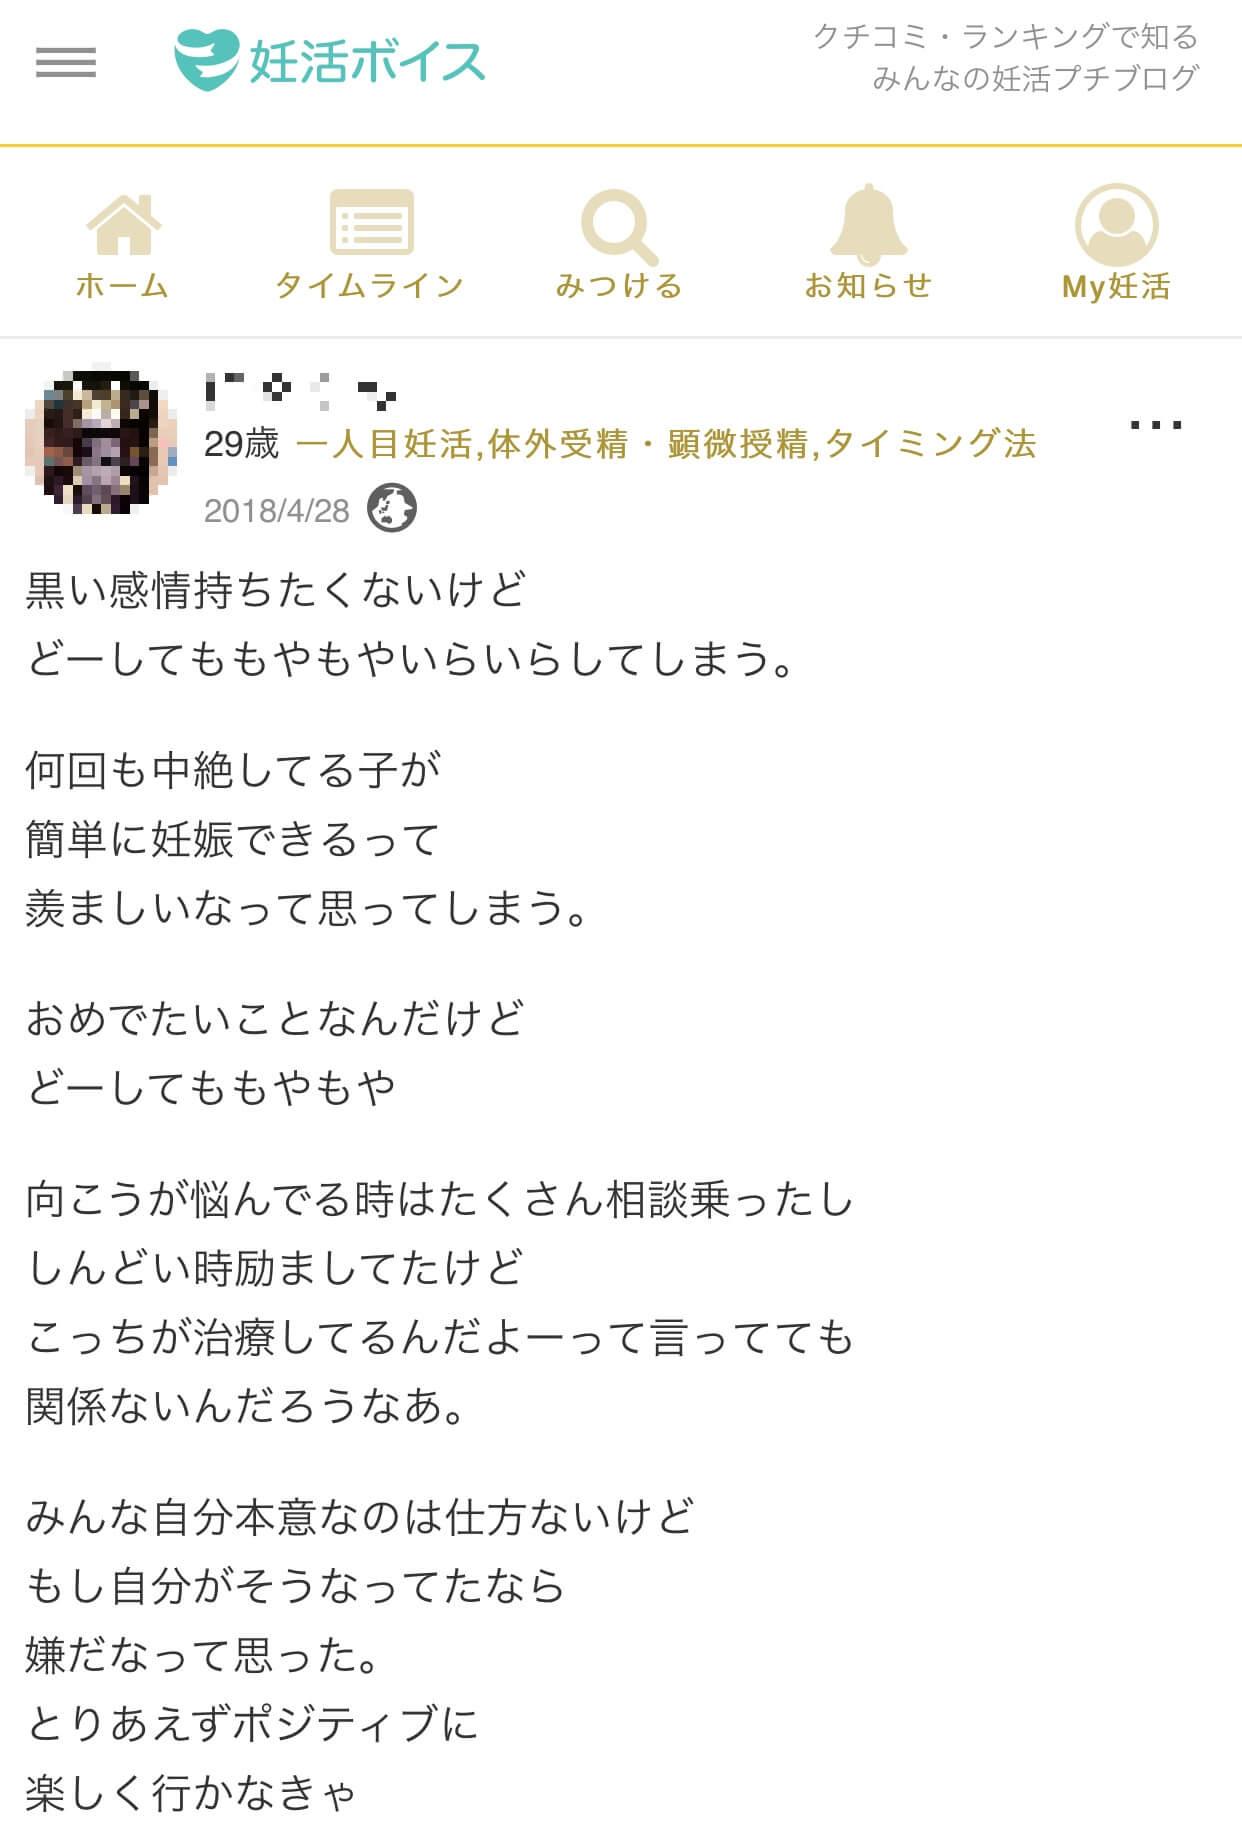 ユーザーNさん(29歳・1人目妊活・タイミング法・対外受精・顕微授精)